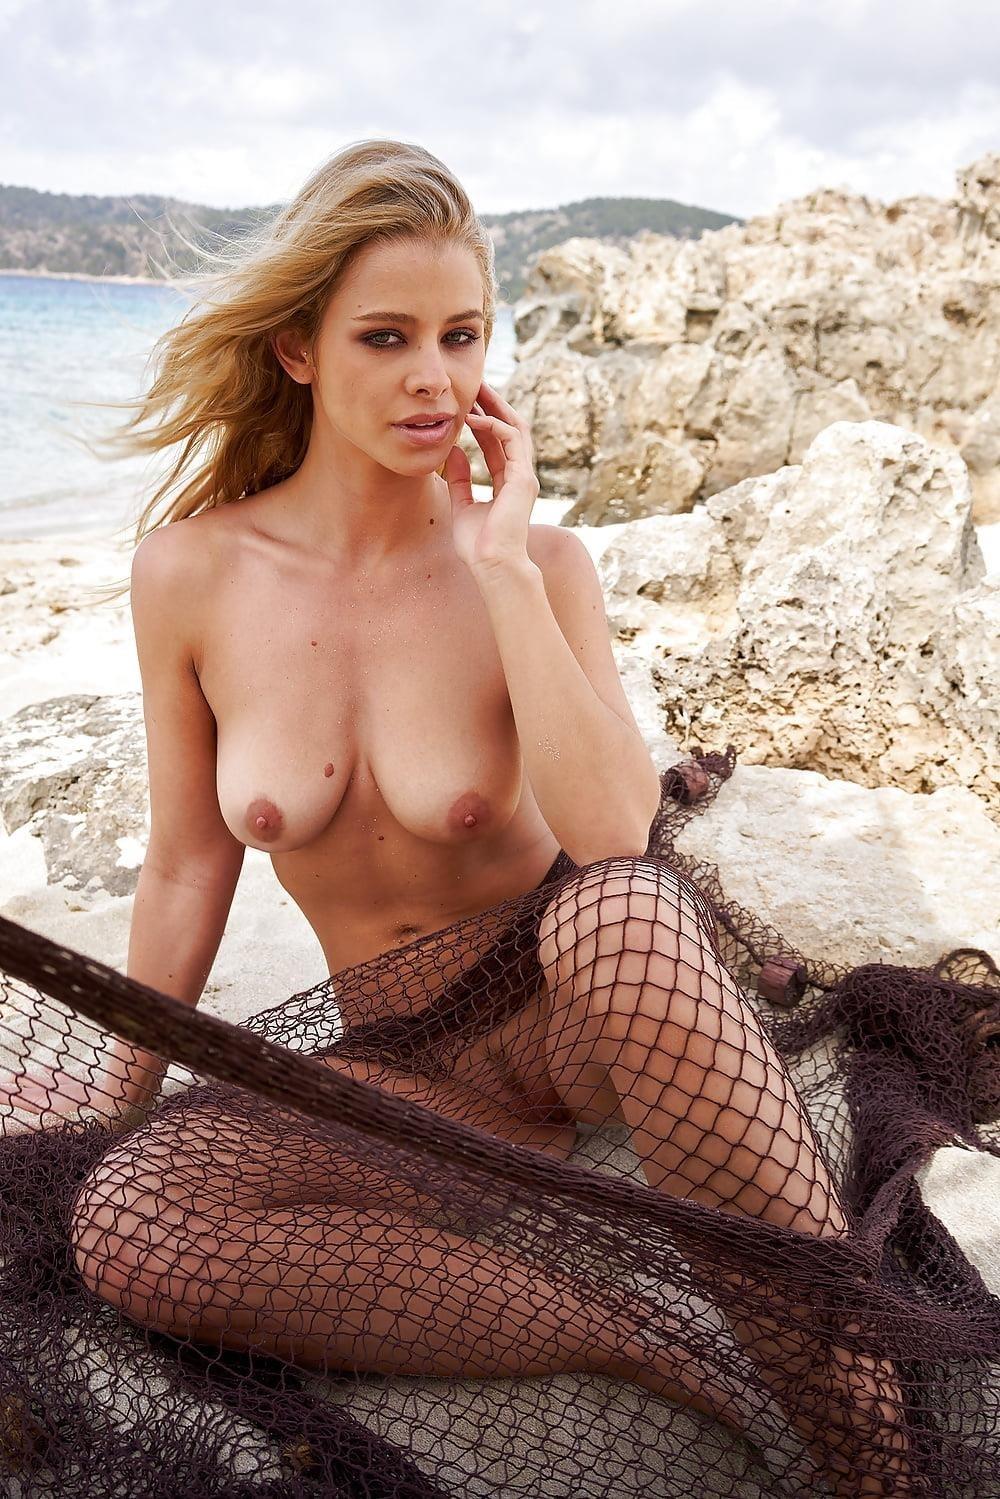 Big tits playboy pics-7132